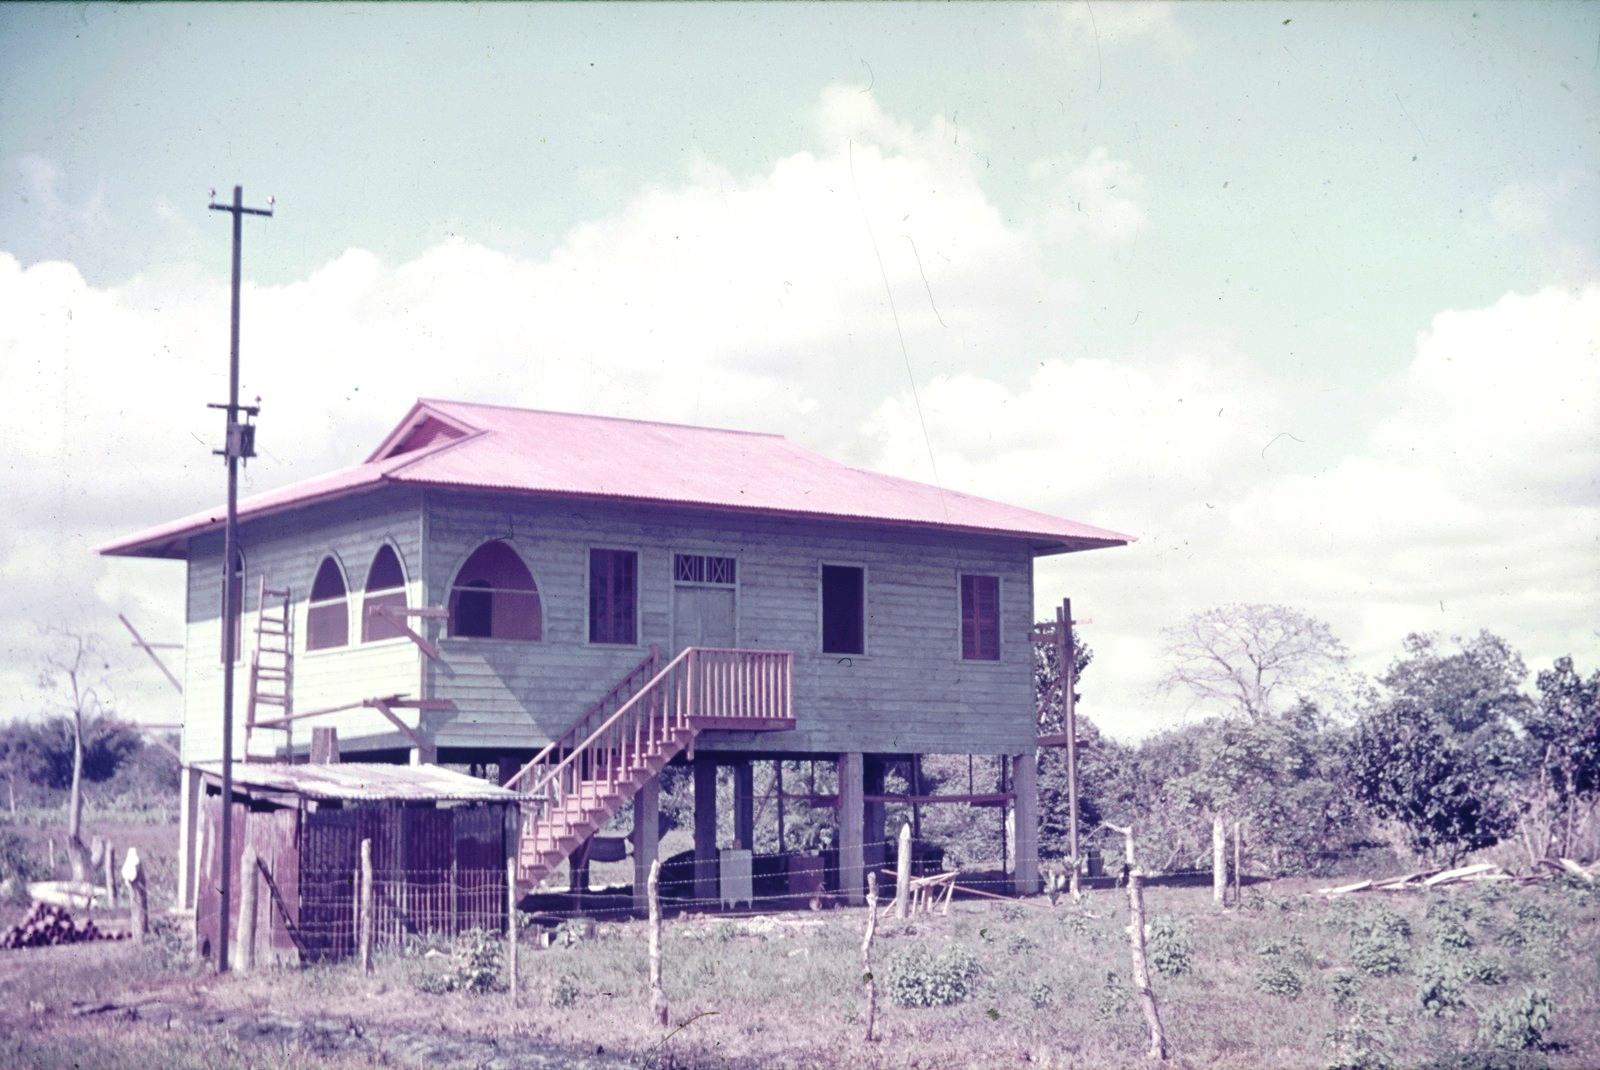 Гаити. Деревянный дом на сваях